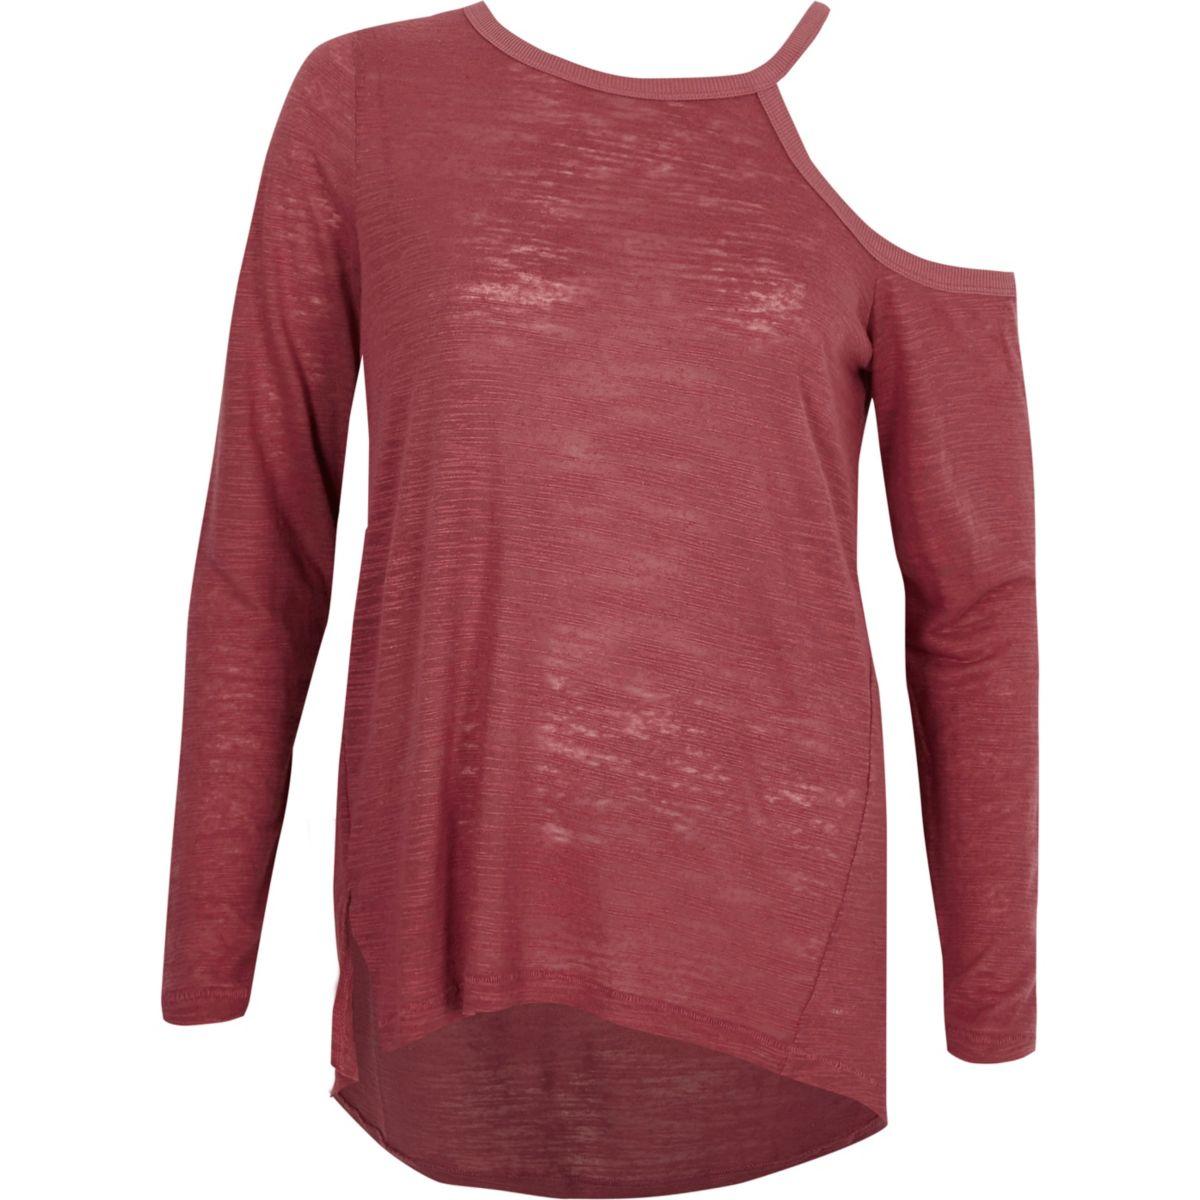 pink long sleeve one shoulder t shirt t shirts vests. Black Bedroom Furniture Sets. Home Design Ideas